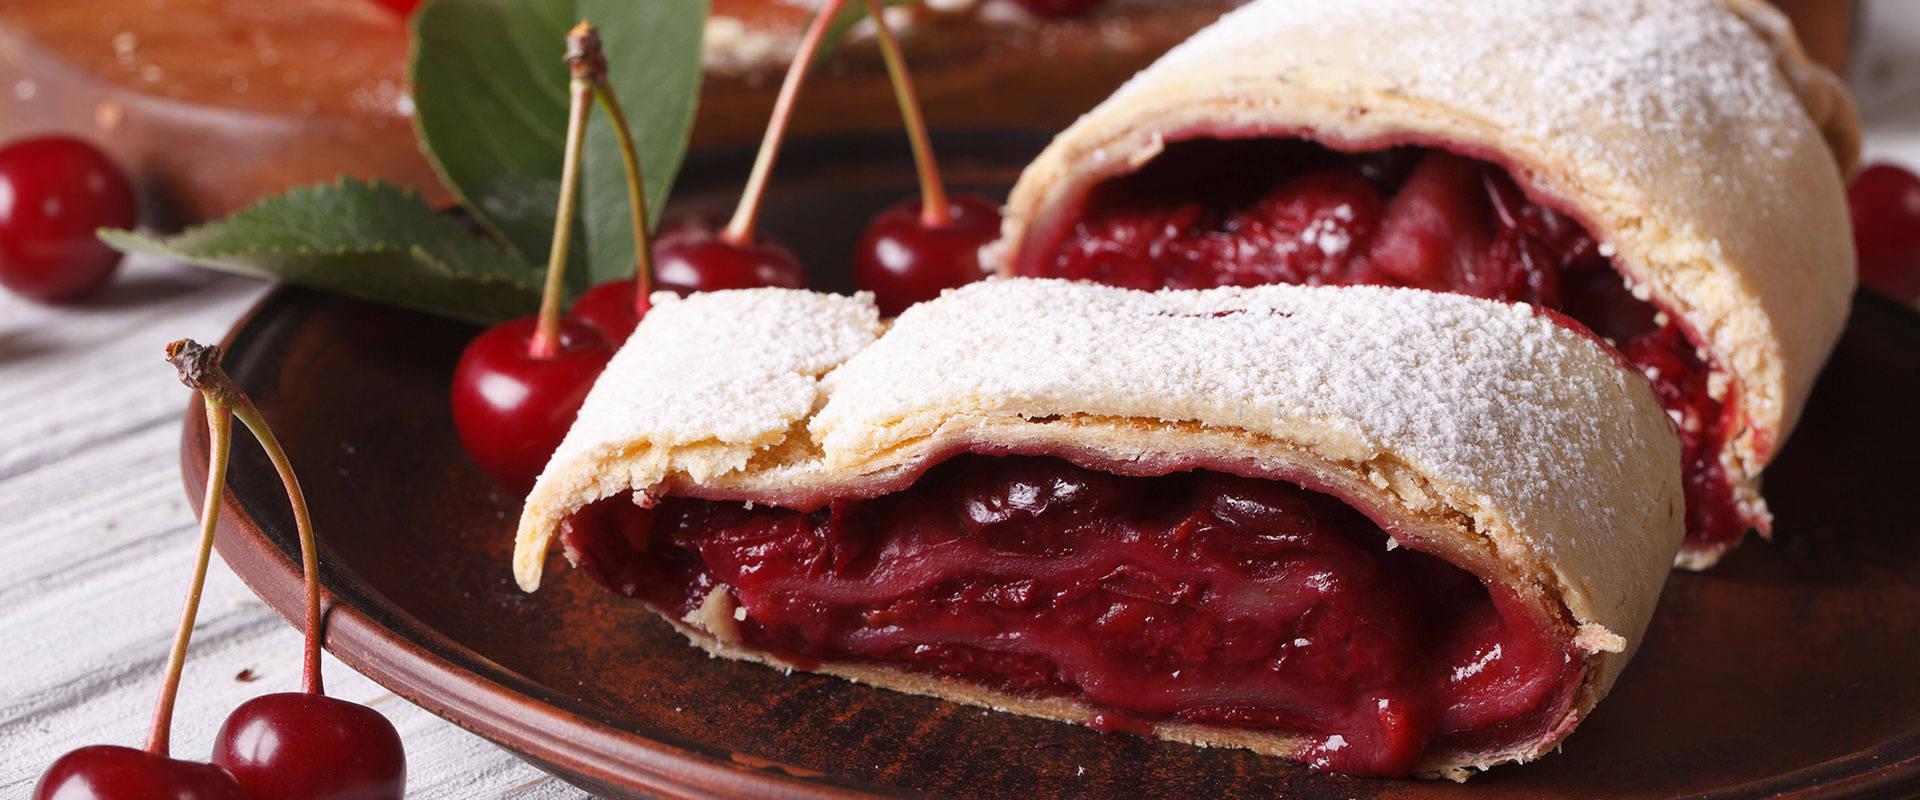 5 desserts typiques de la cuisine hongroise